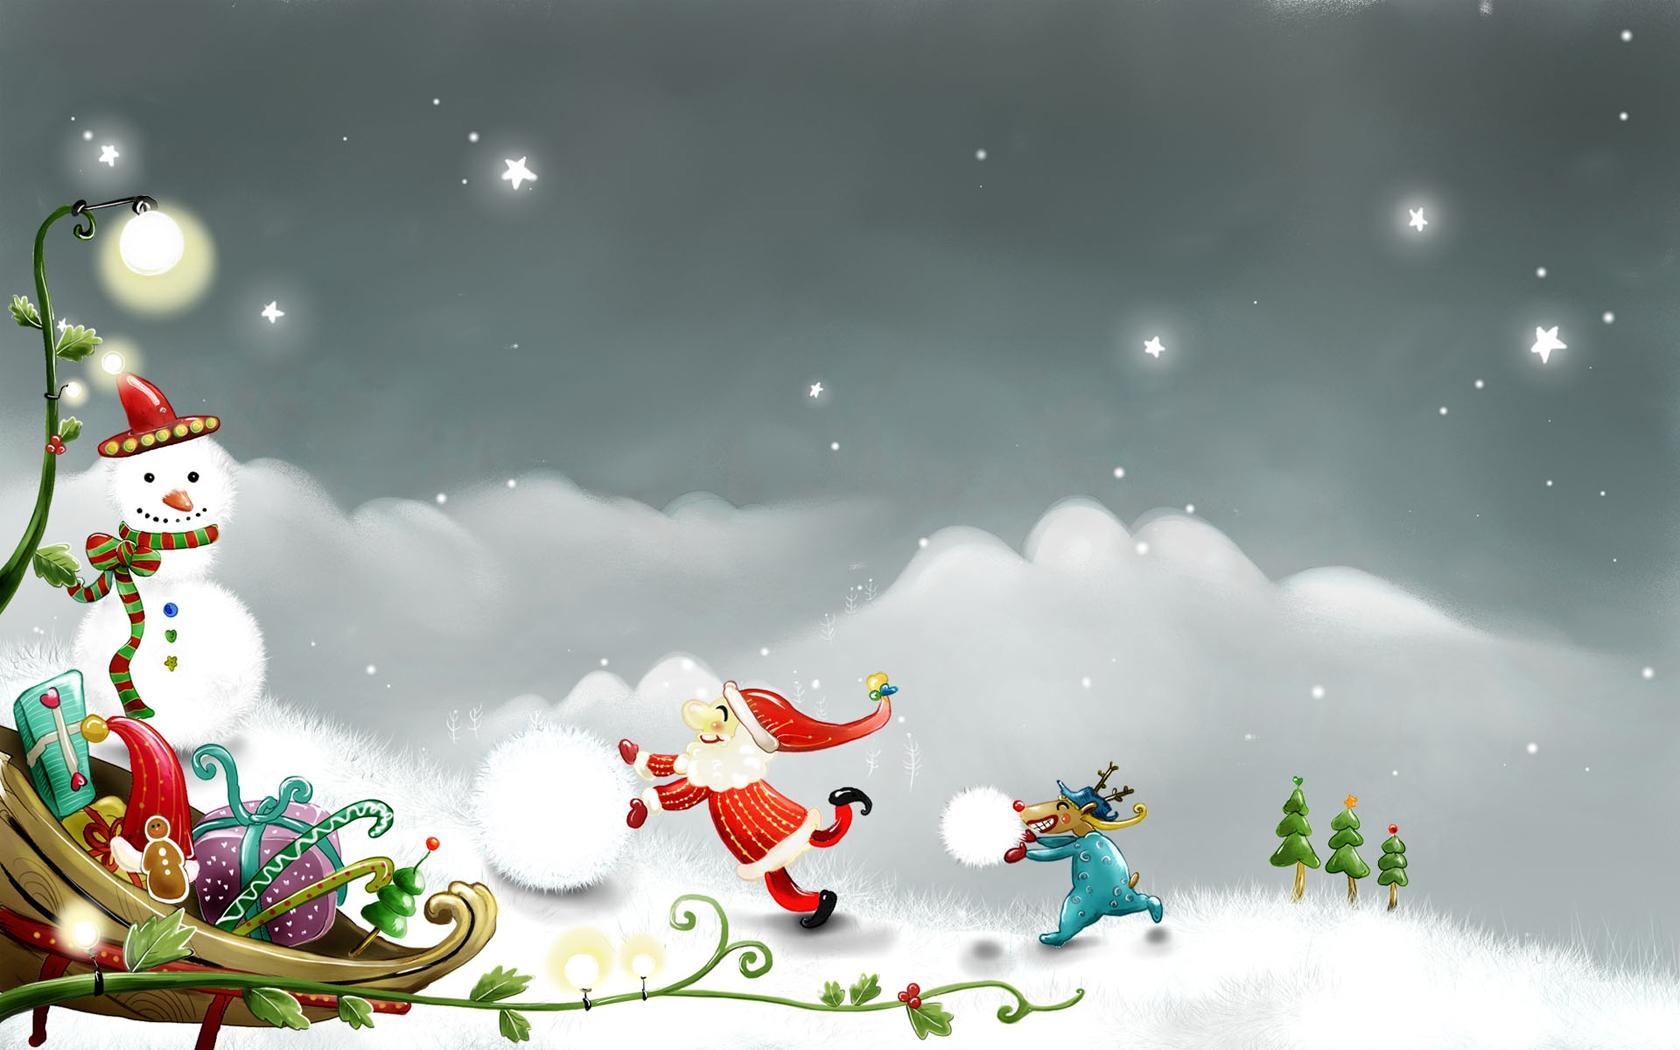 Winter Christmas Desktop Backgrounds 10696 Wallpaper Wallpaper hd 1680x1050